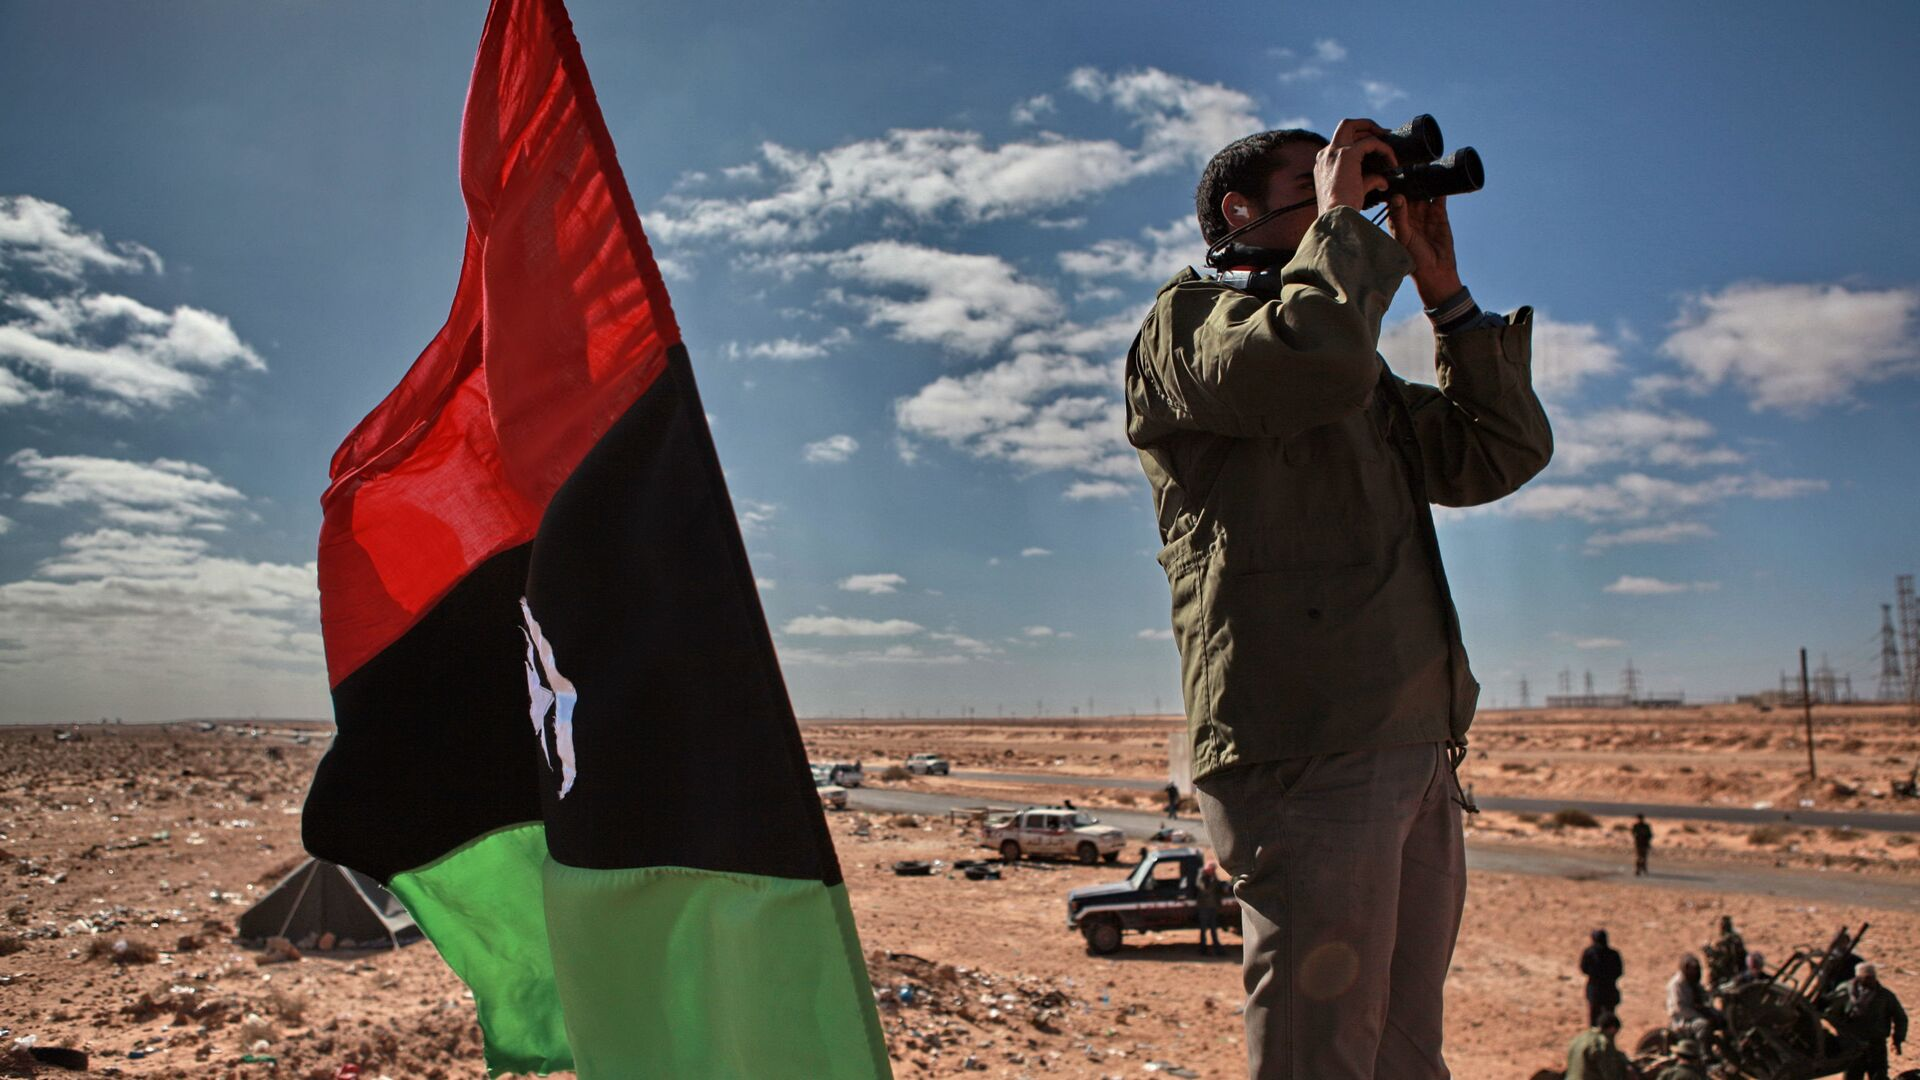 La situazione in Libia - Sputnik Italia, 1920, 20.09.2021